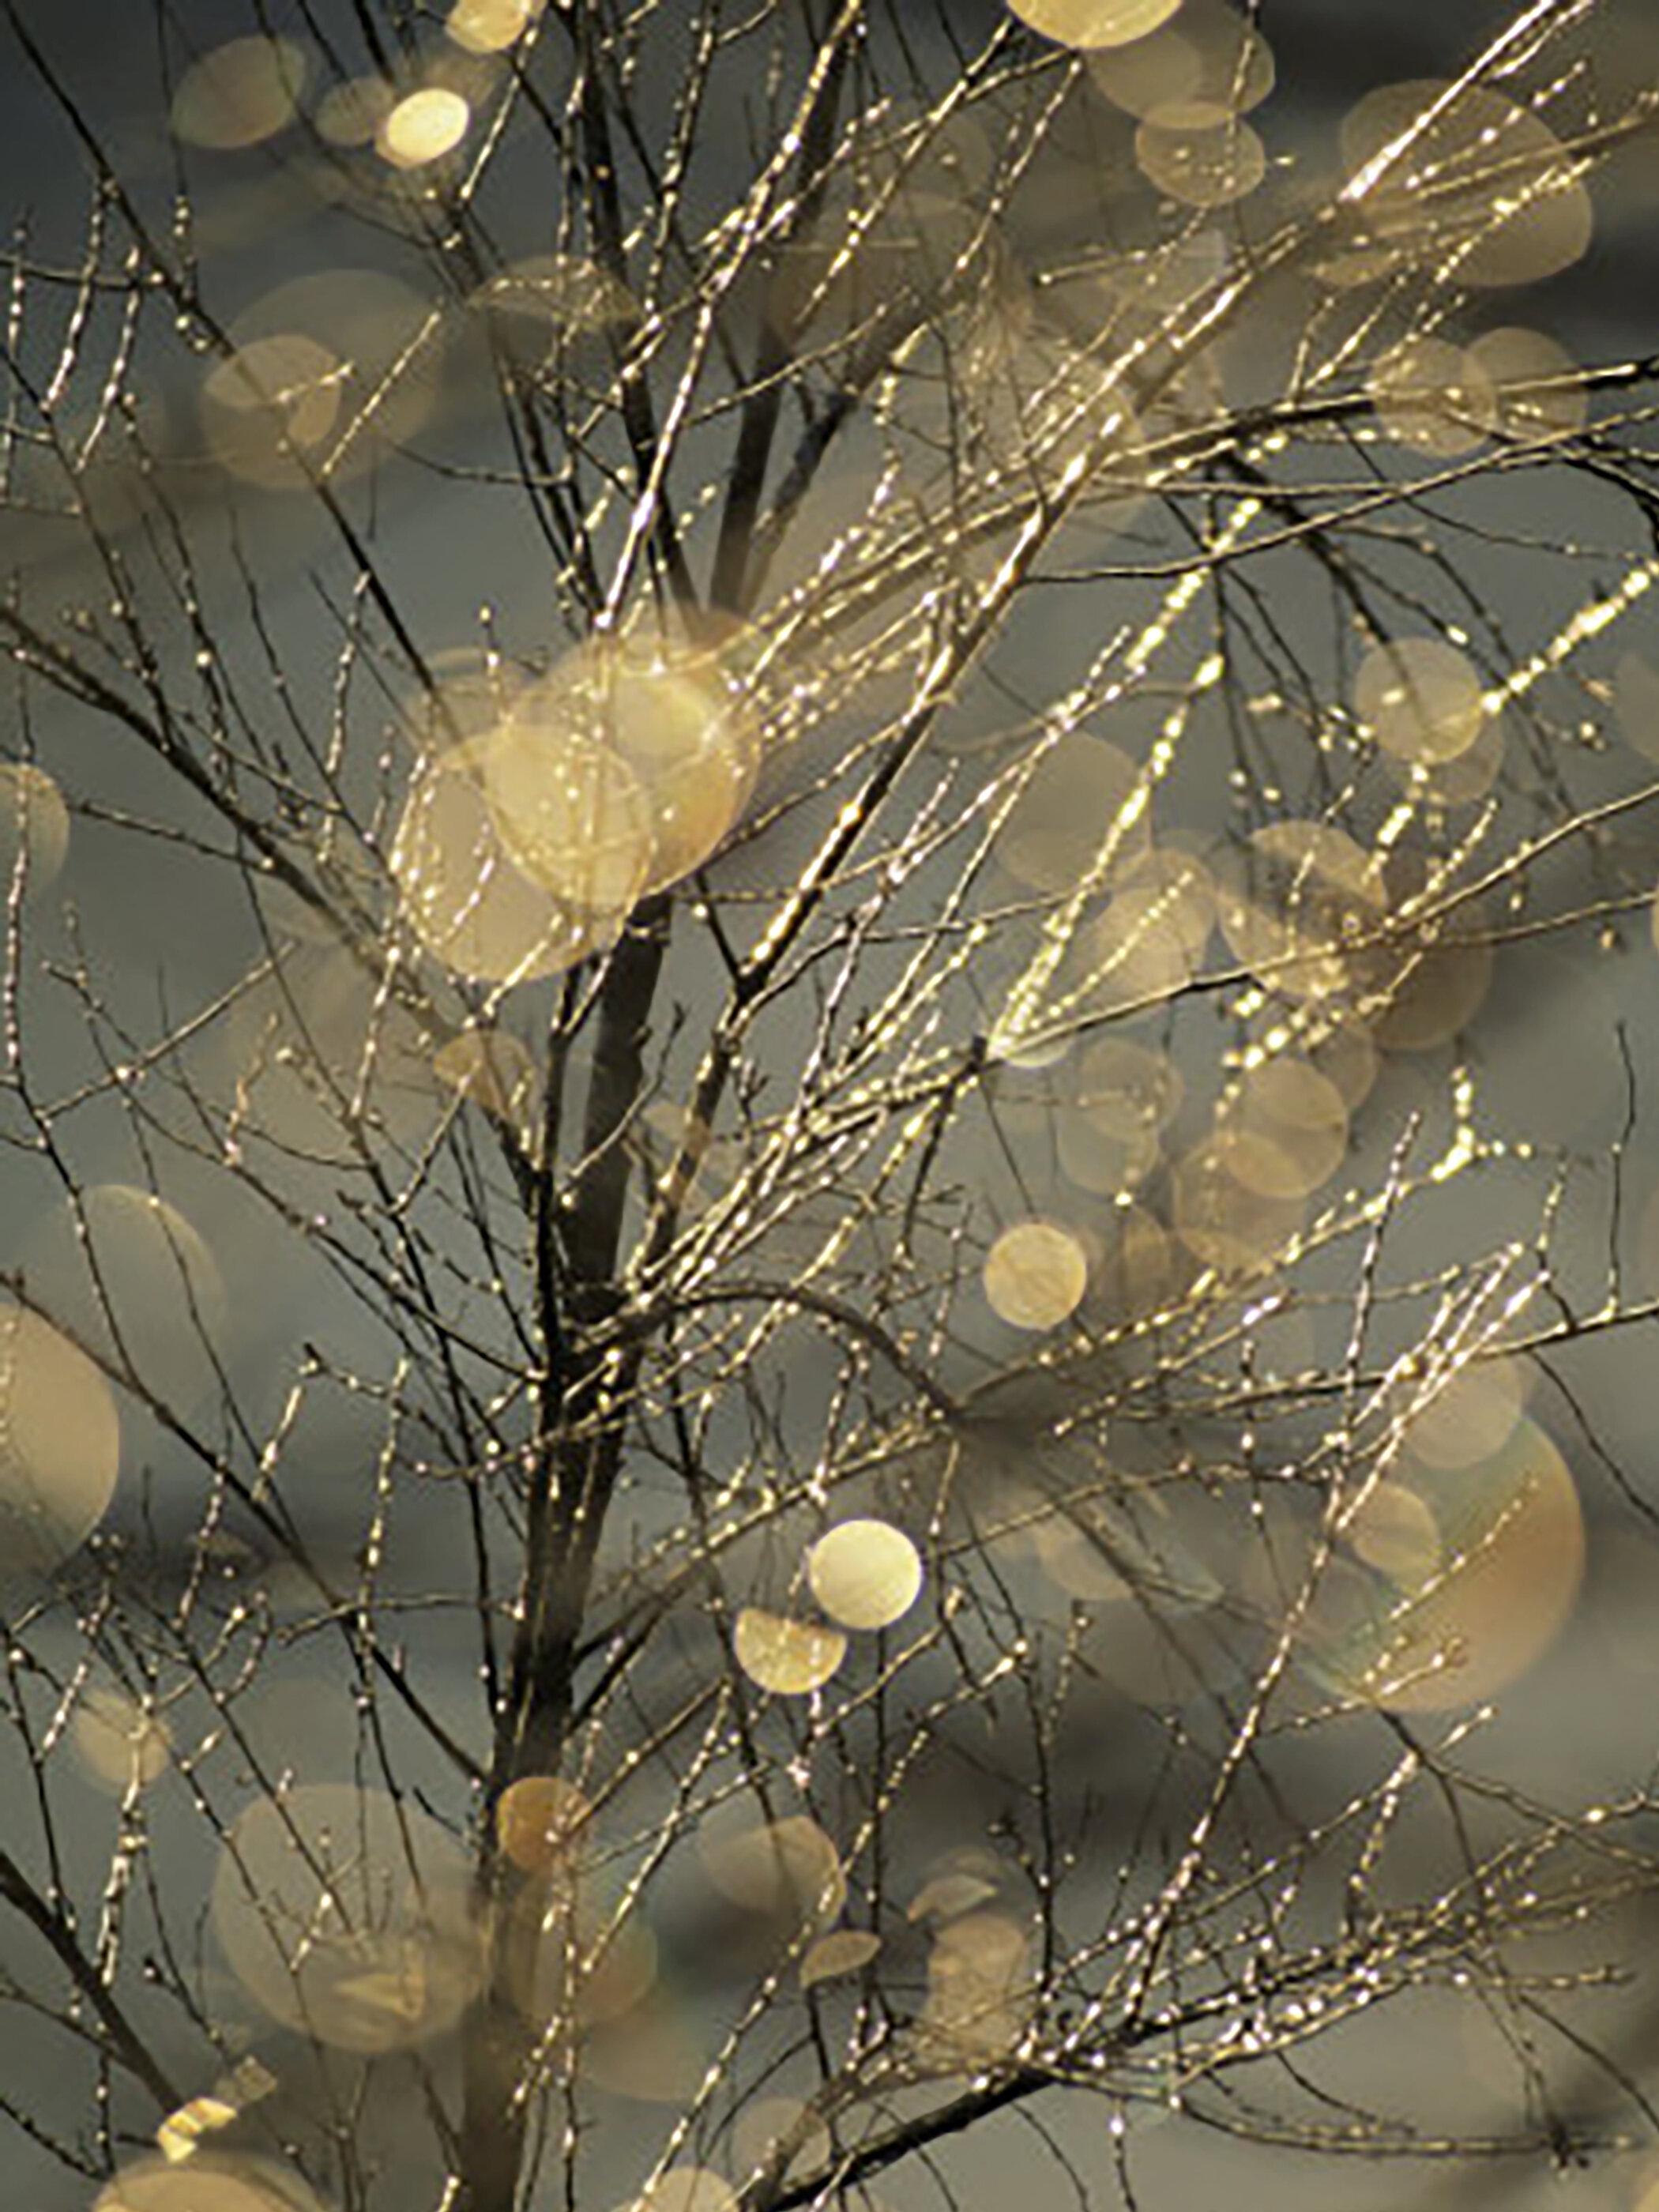 By photographer Raymond Gehman.